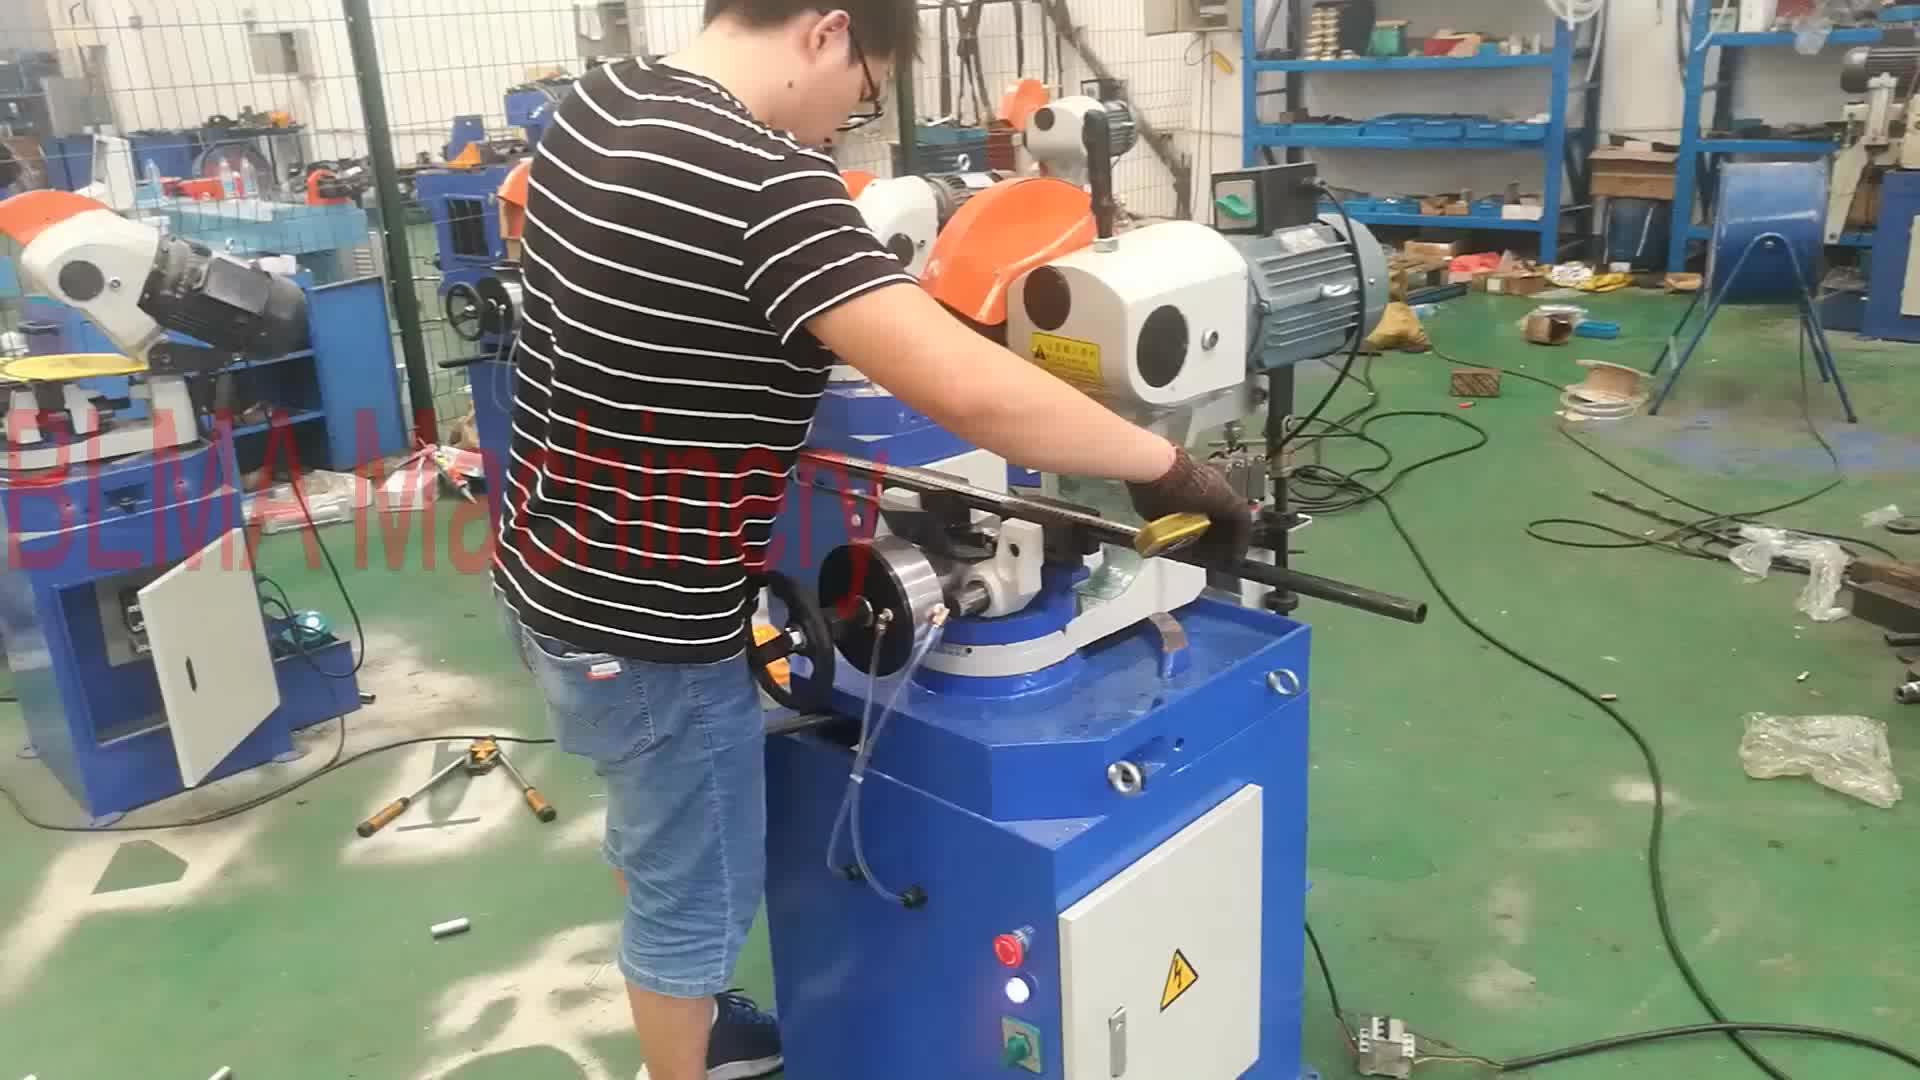 จีนท่อเครื่องตัดเย็น cnc รายละเอียดเครื่องตัดท่อเครื่องตัดไฟฟ้า